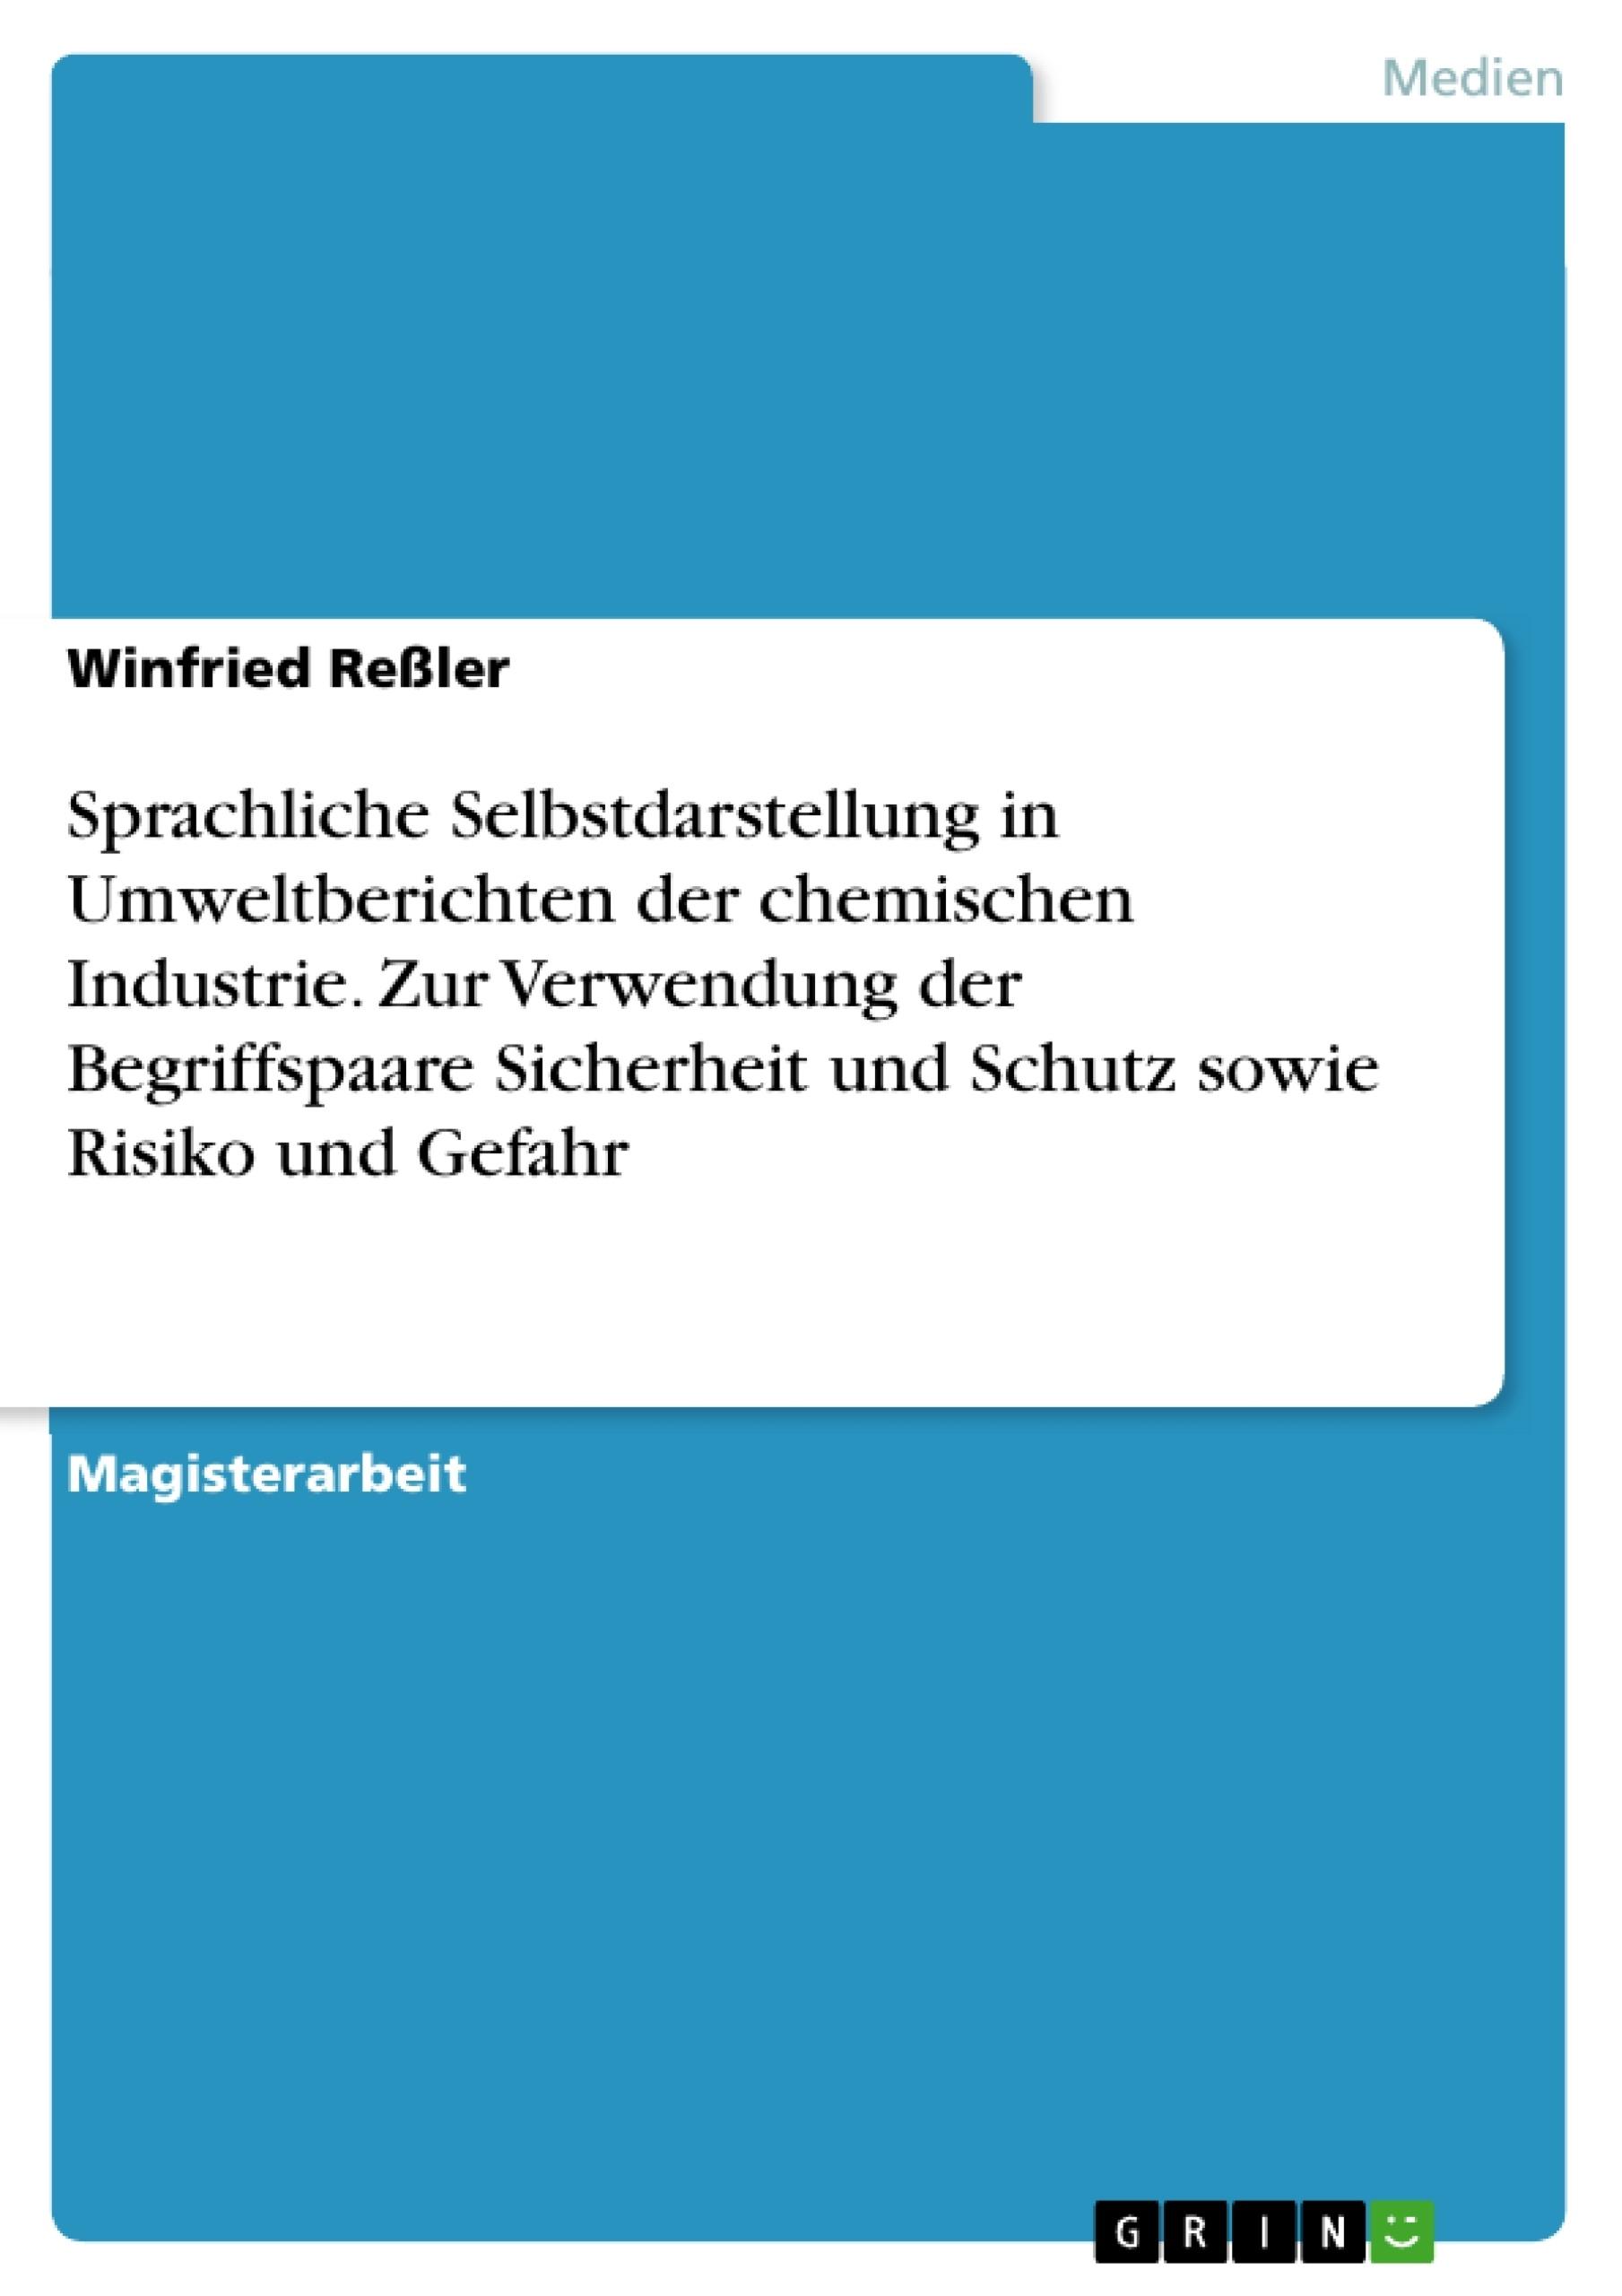 Titel: Sprachliche Selbstdarstellung in Umweltberichten der chemischen Industrie. Zur Verwendung der Begriffspaare Sicherheit und Schutz sowie Risiko und Gefahr